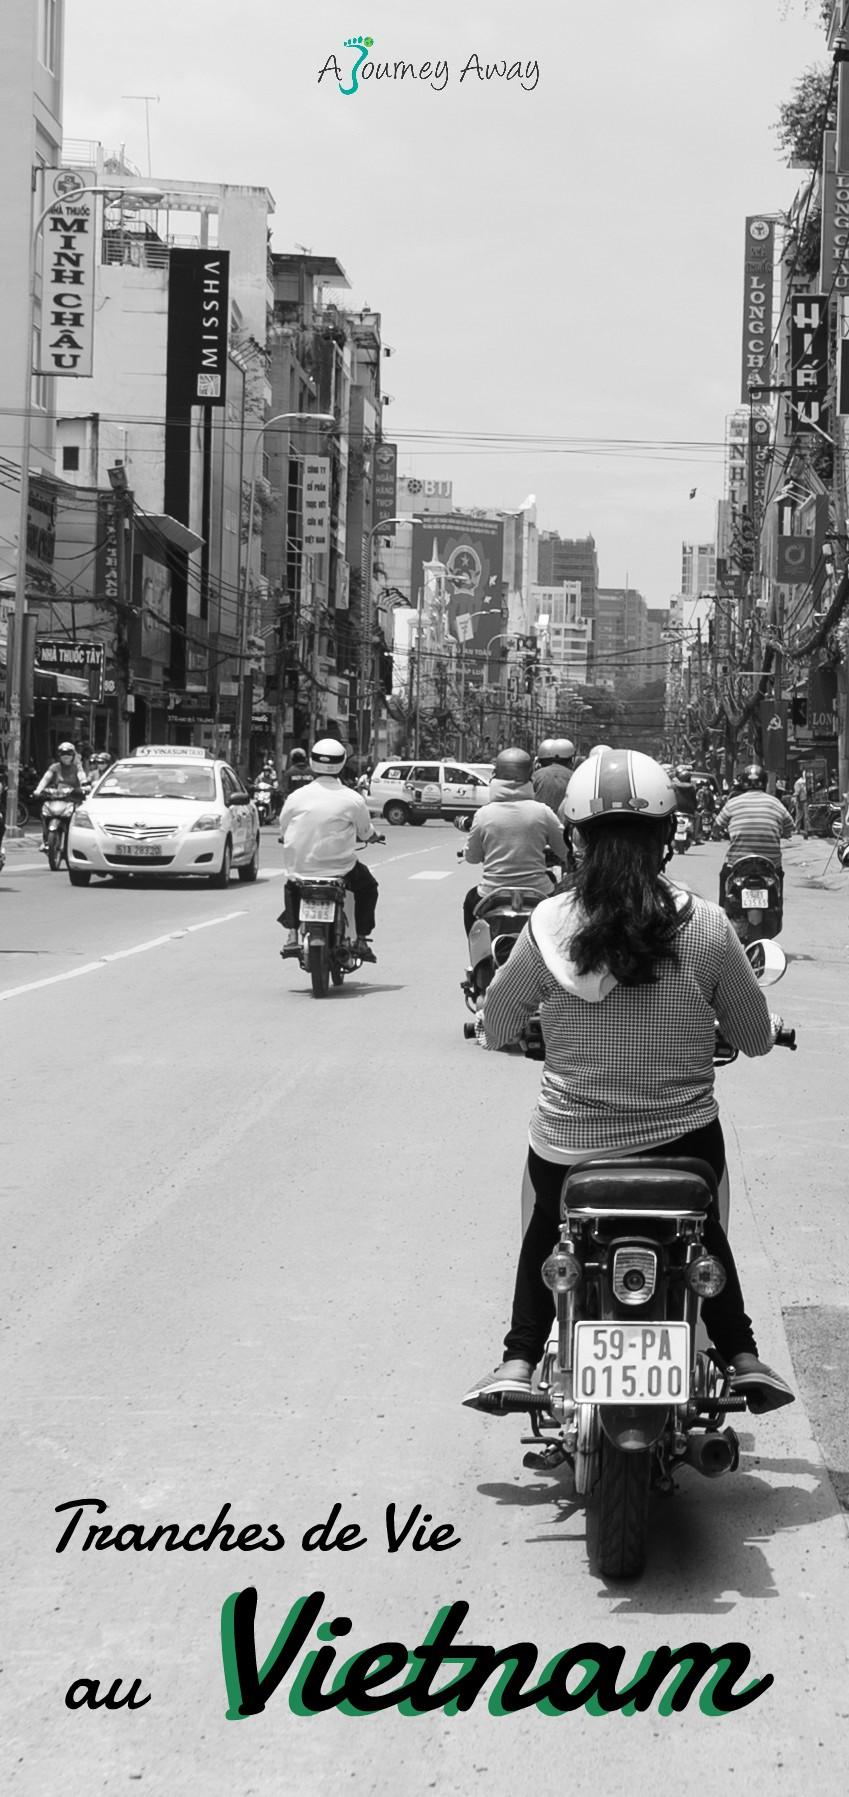 Découvrez la vie au Vietnam en Photos | Blog de voyage A Journey Away